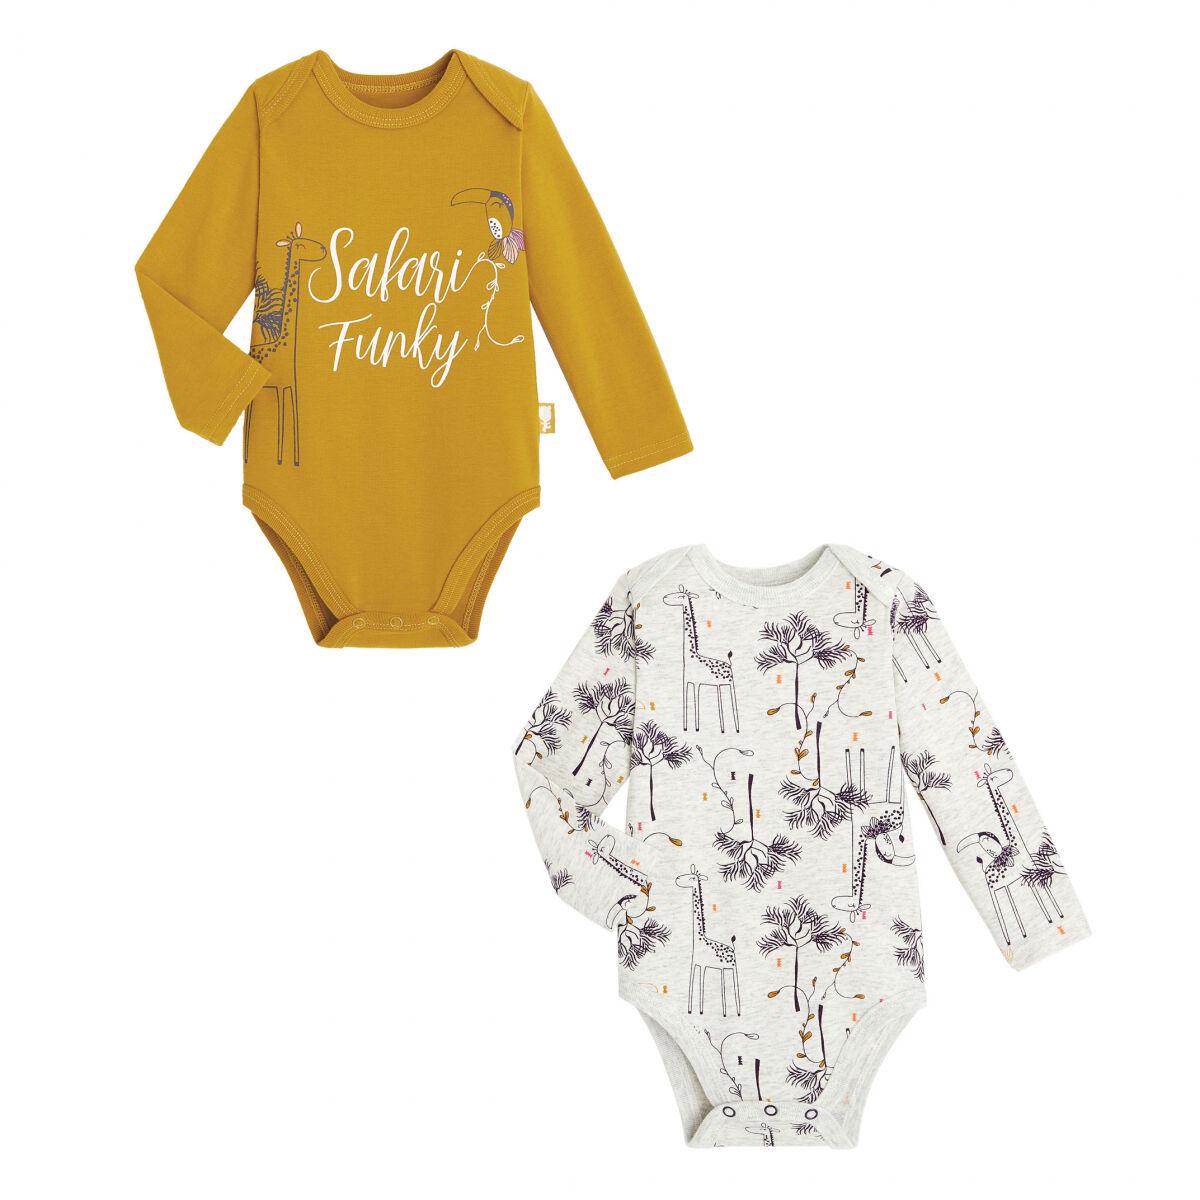 Petit Béguin Lot de 2 bodies bébé fille manches longues contenant du coton bio Funky Safari - Taille - 18 mois